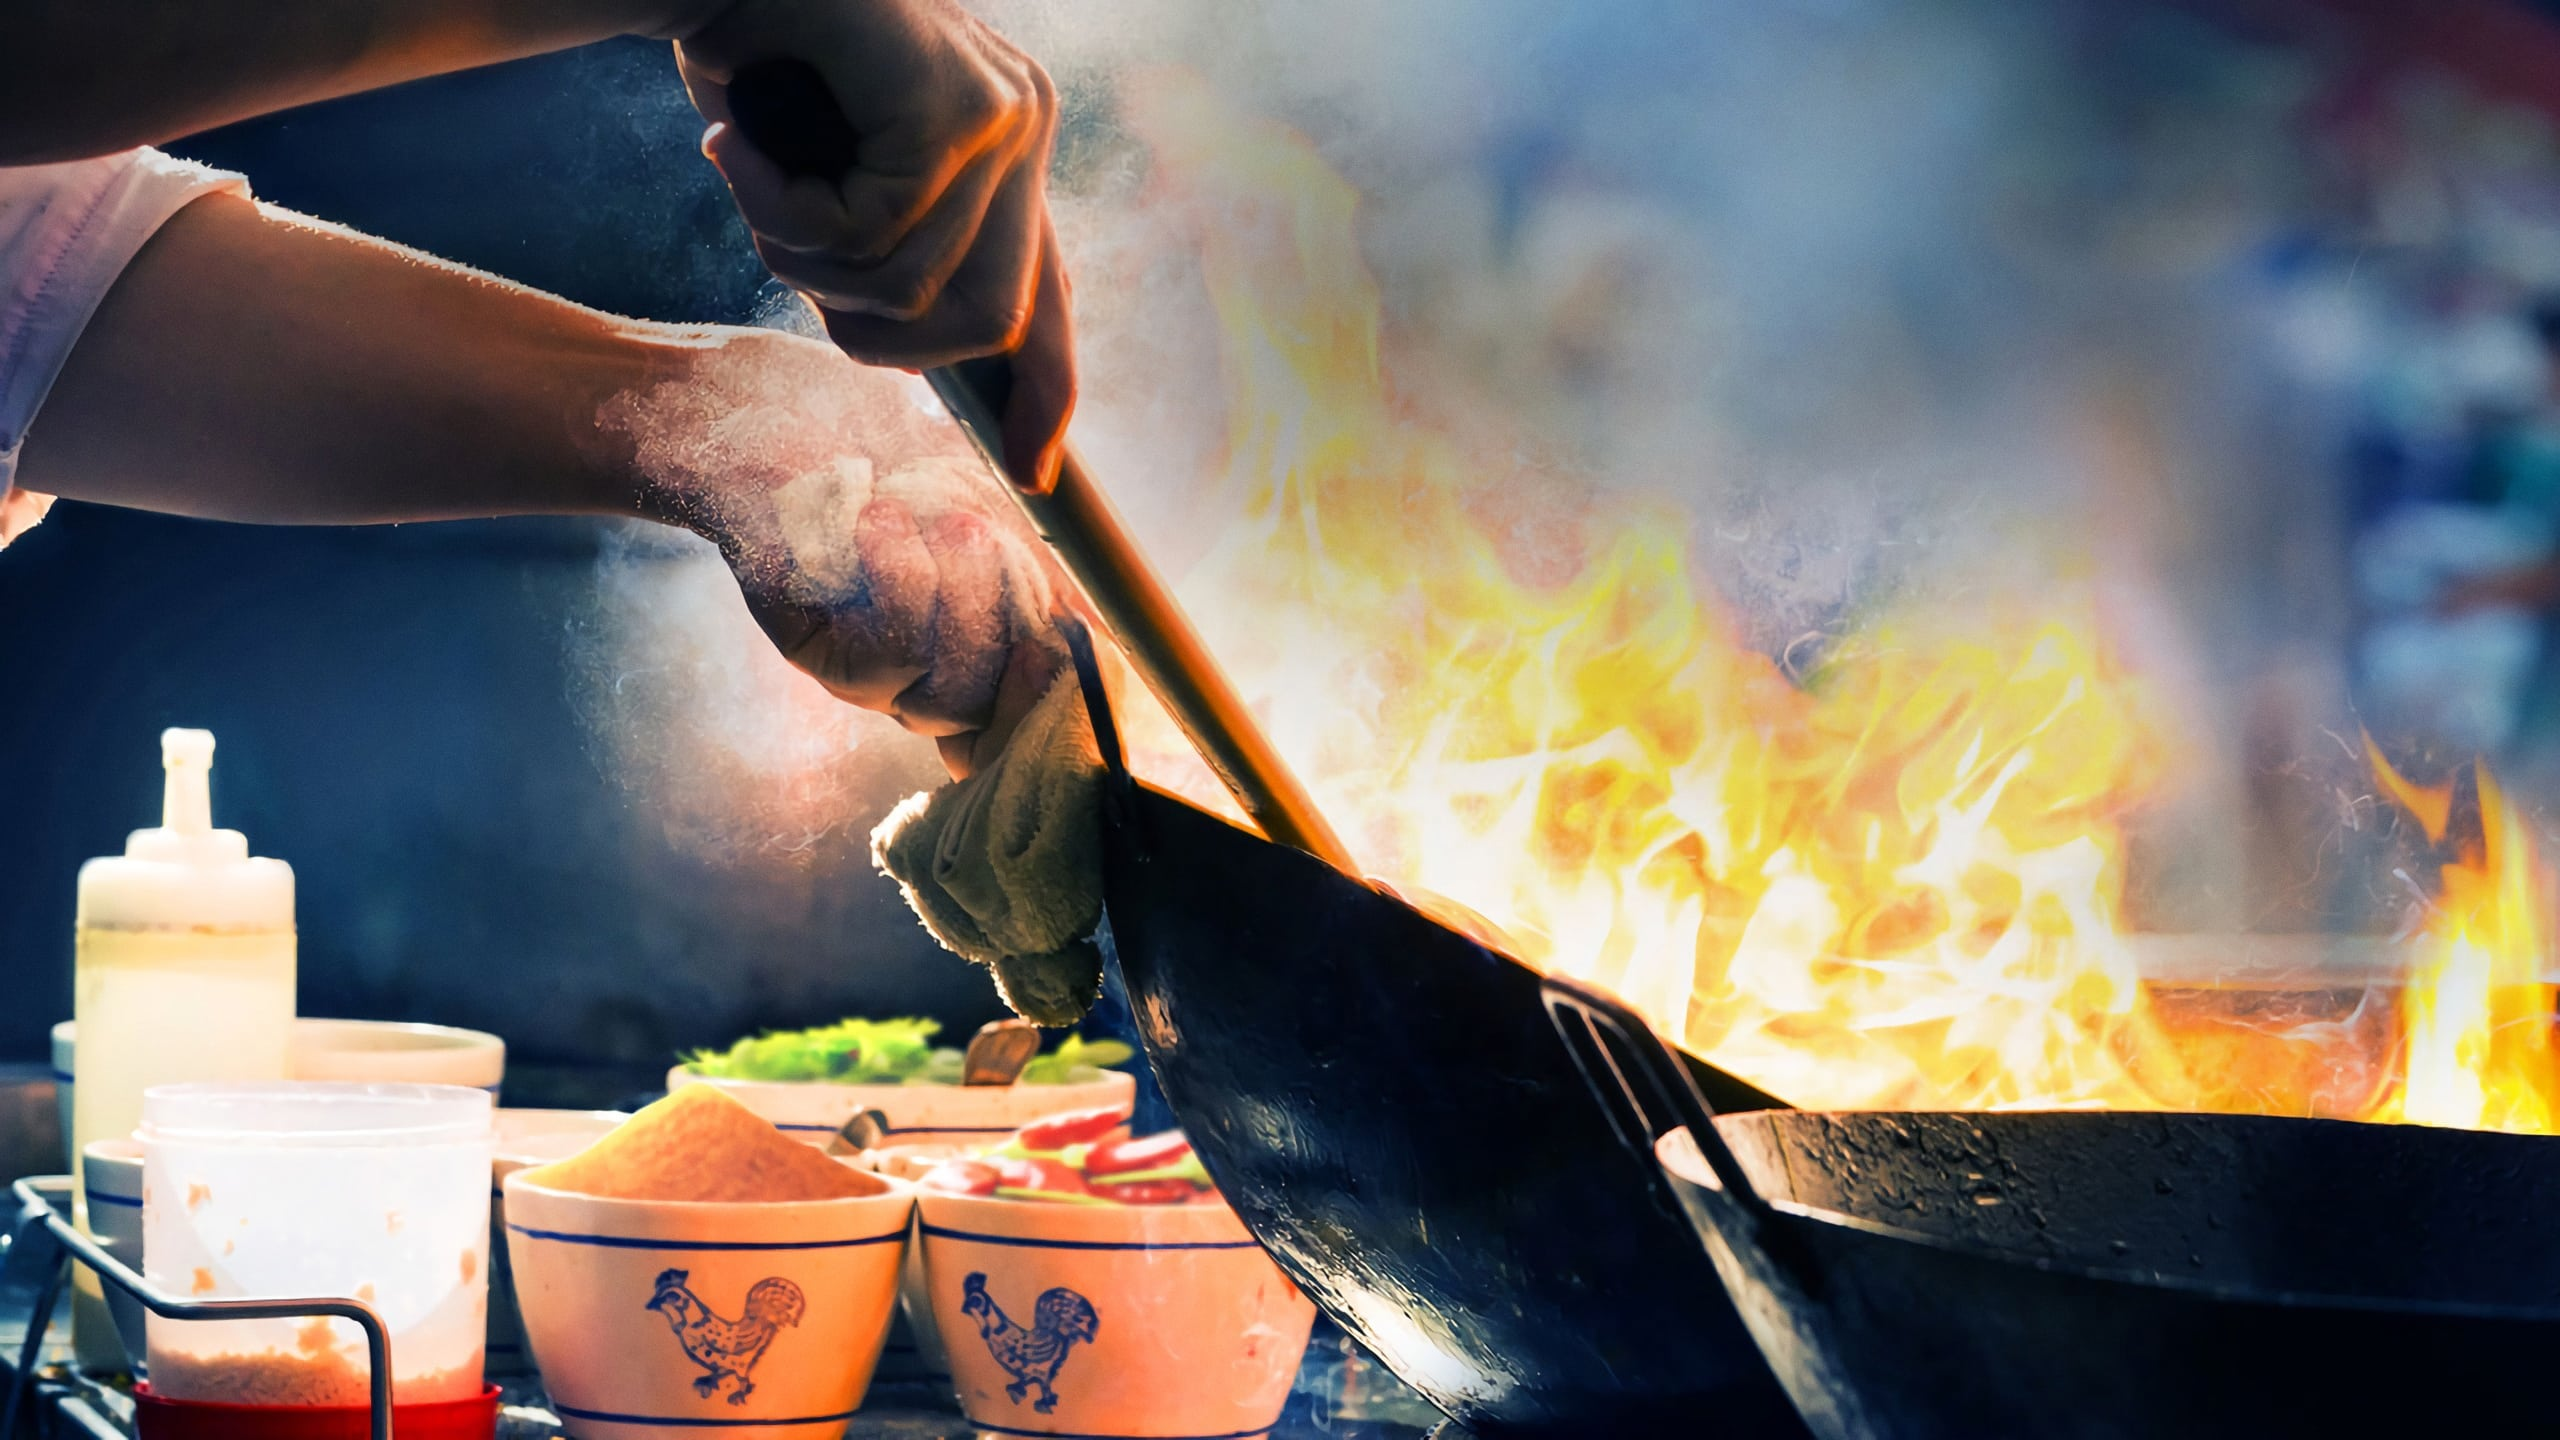 Ẩm Thực Đường Phố - Street Food | Razorphim